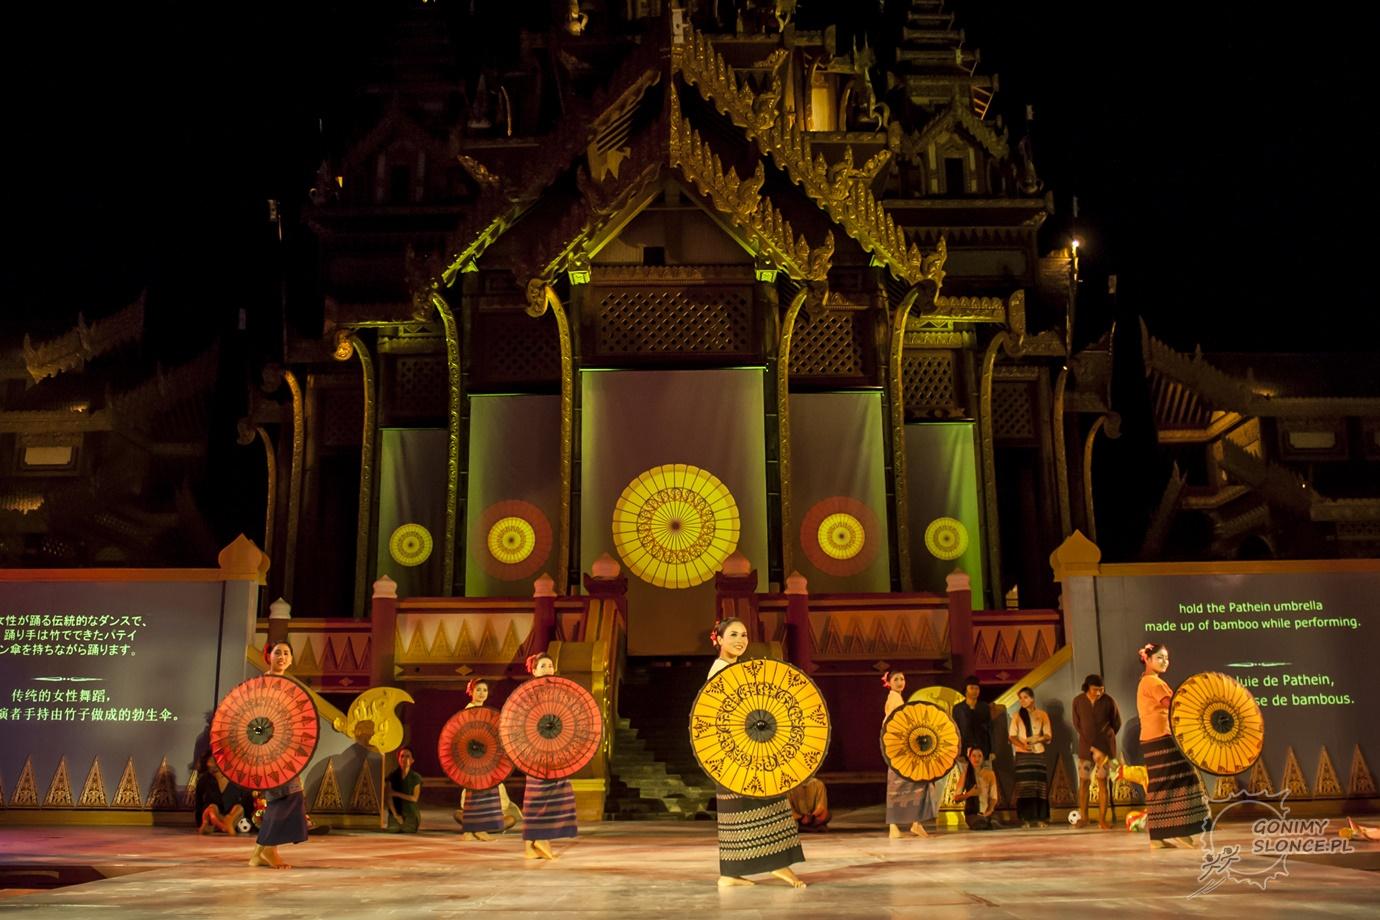 Dandaree - tradycyjny taniec birmańskiech dziewcząt